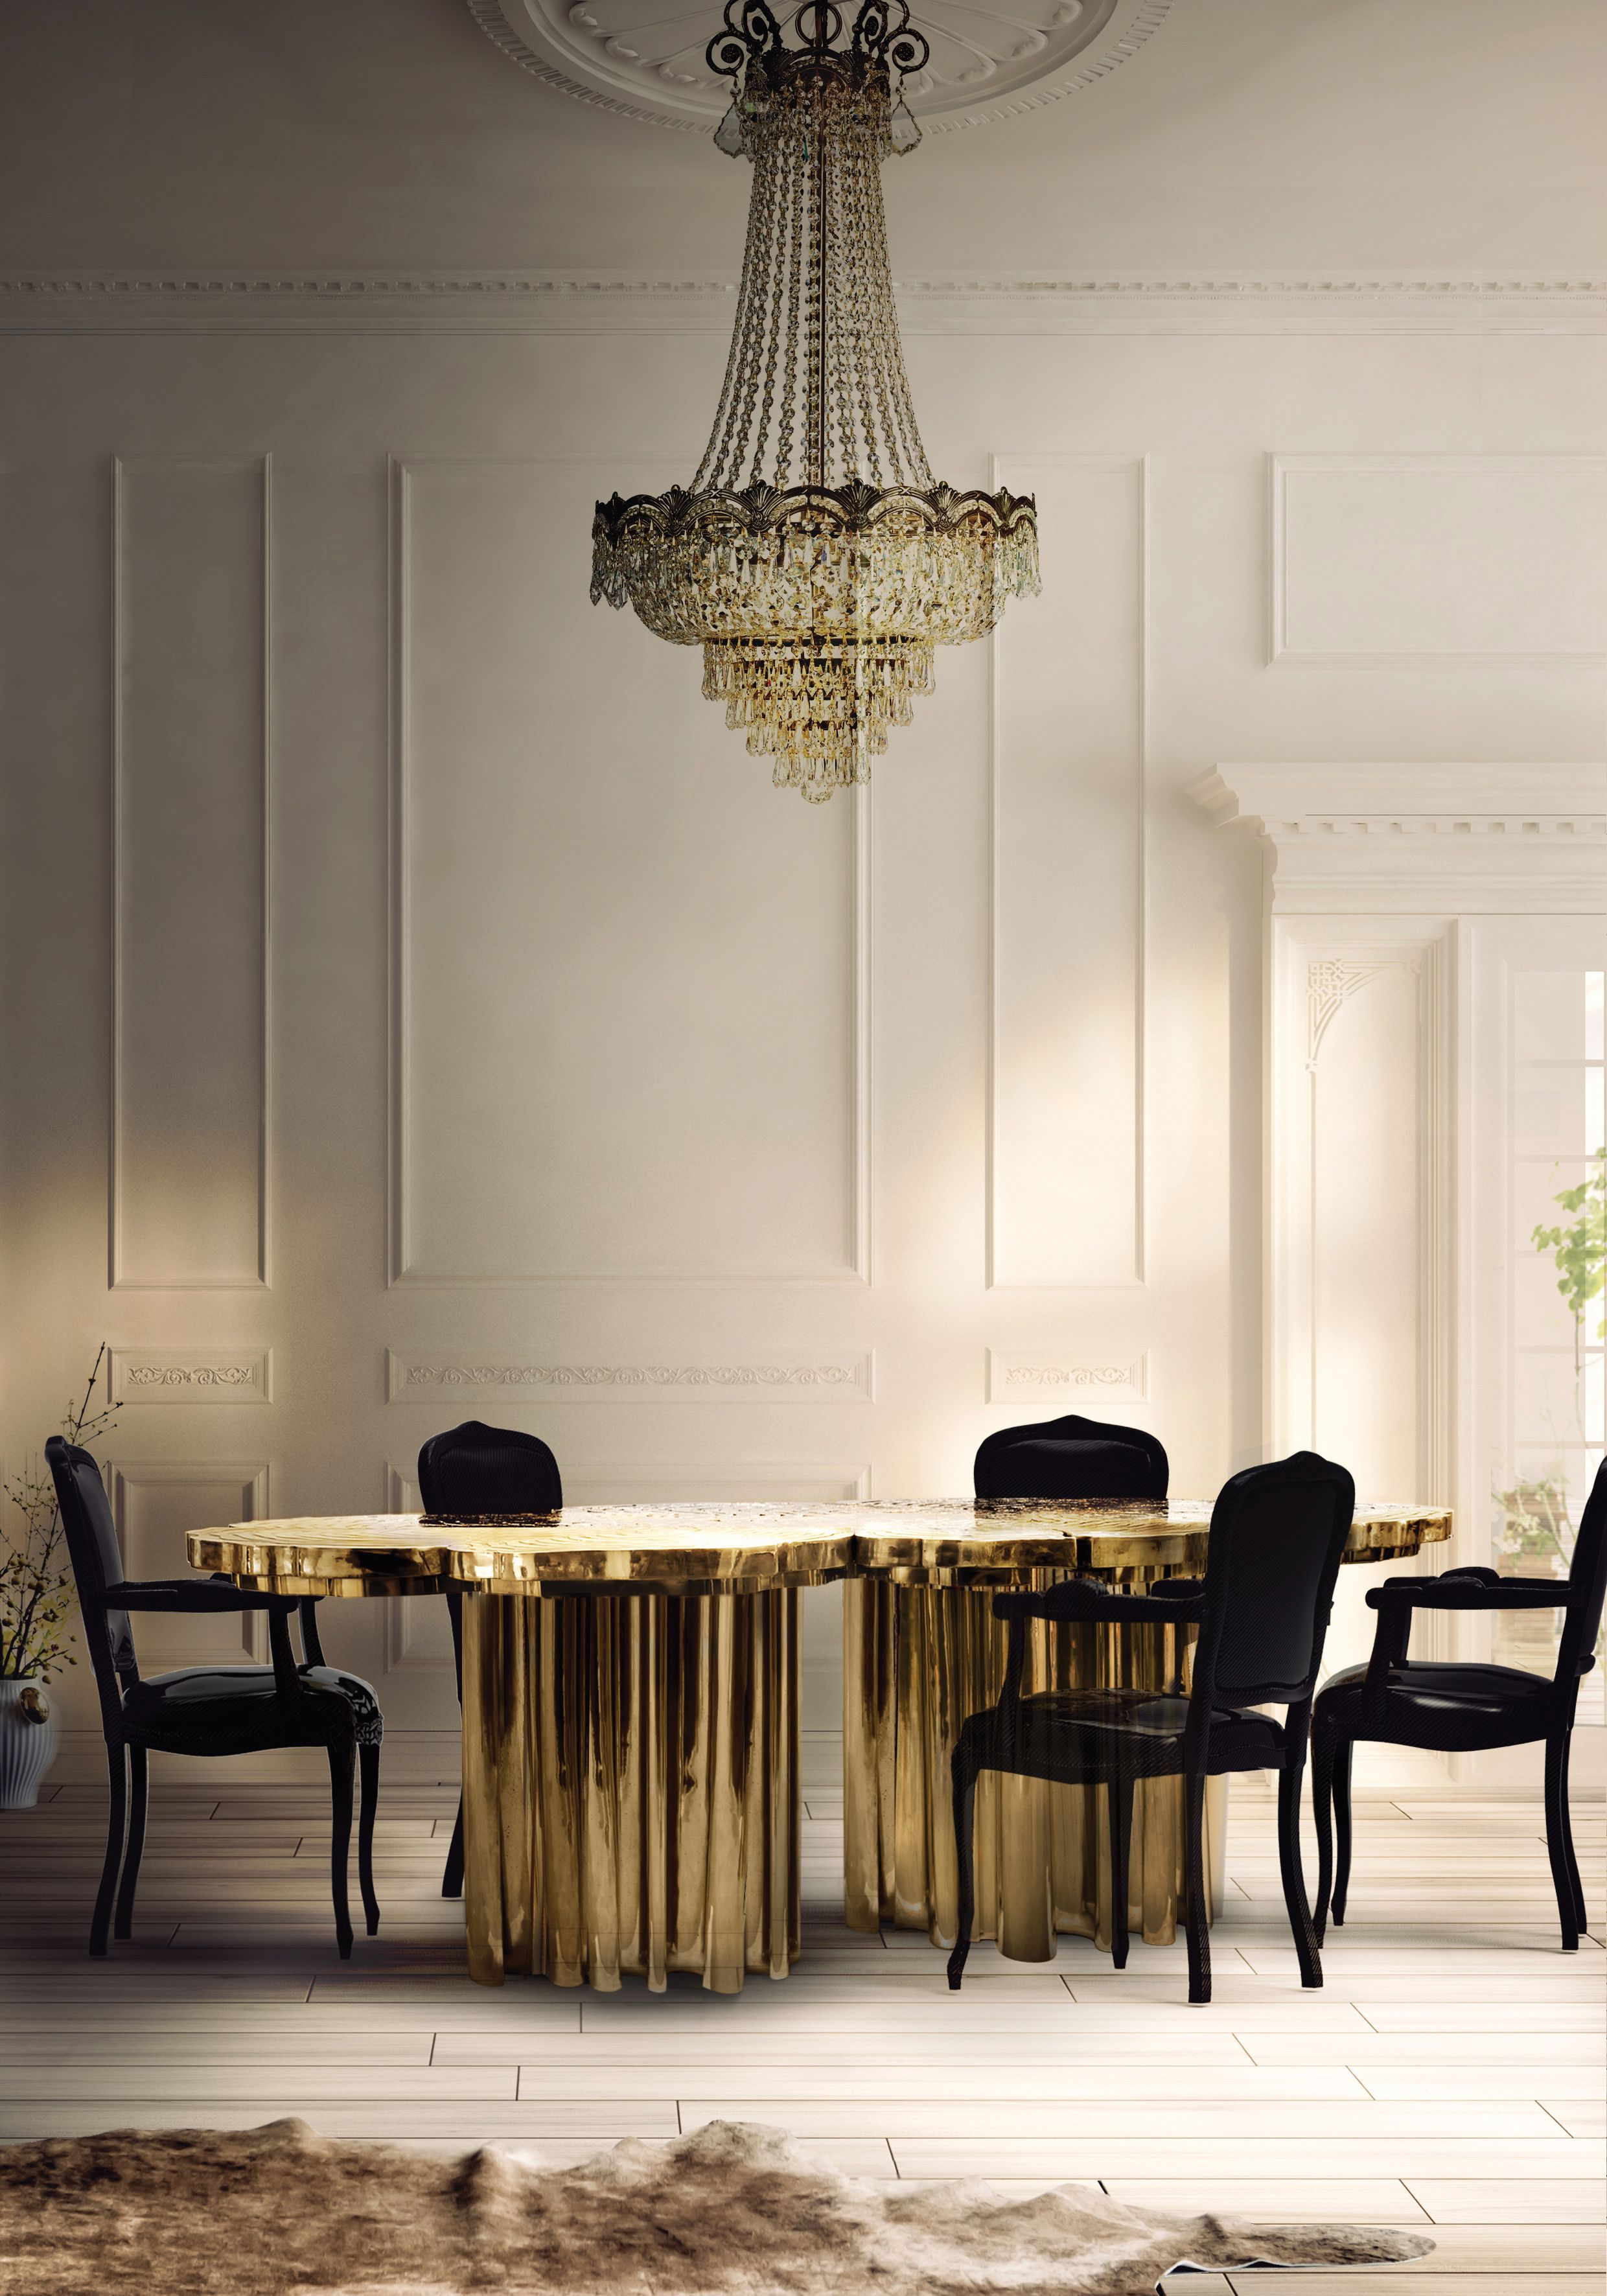 Blickfang Moderne Stuehle Esszimmer Referenz Von Modernen Stil   Möbel   Www.wohnenmitklassikernreview